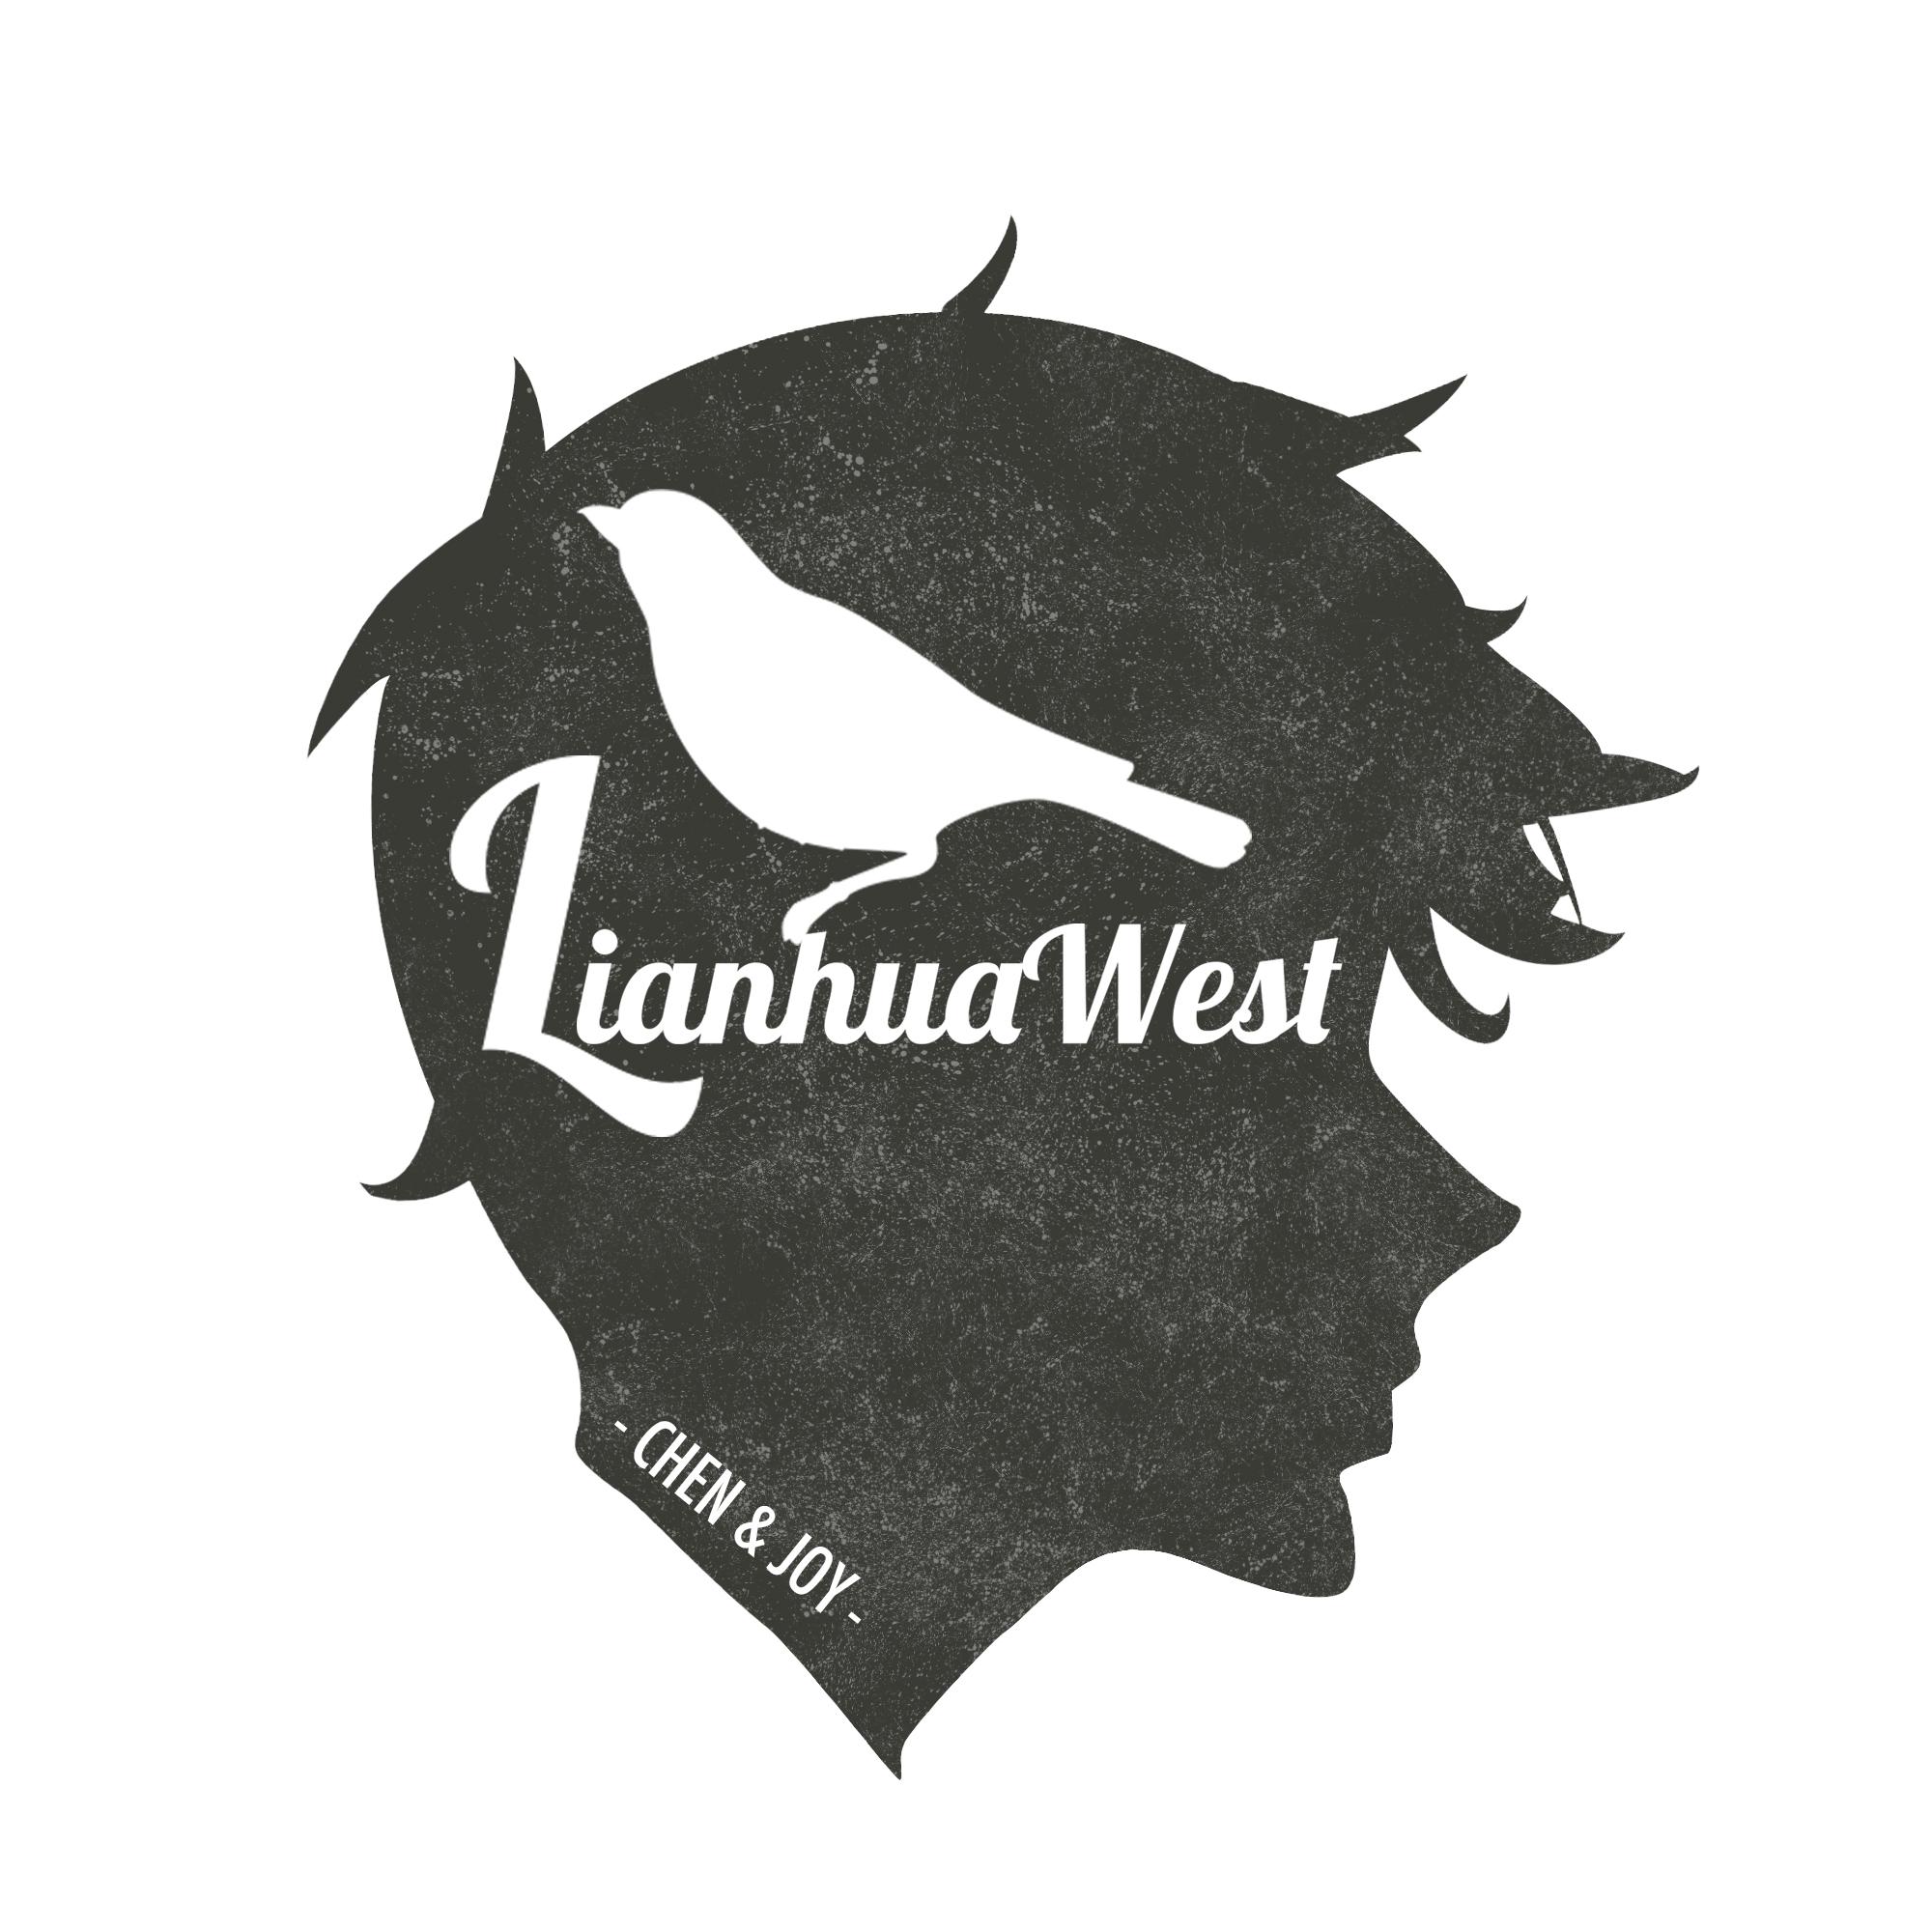 logo design for Lianhua West